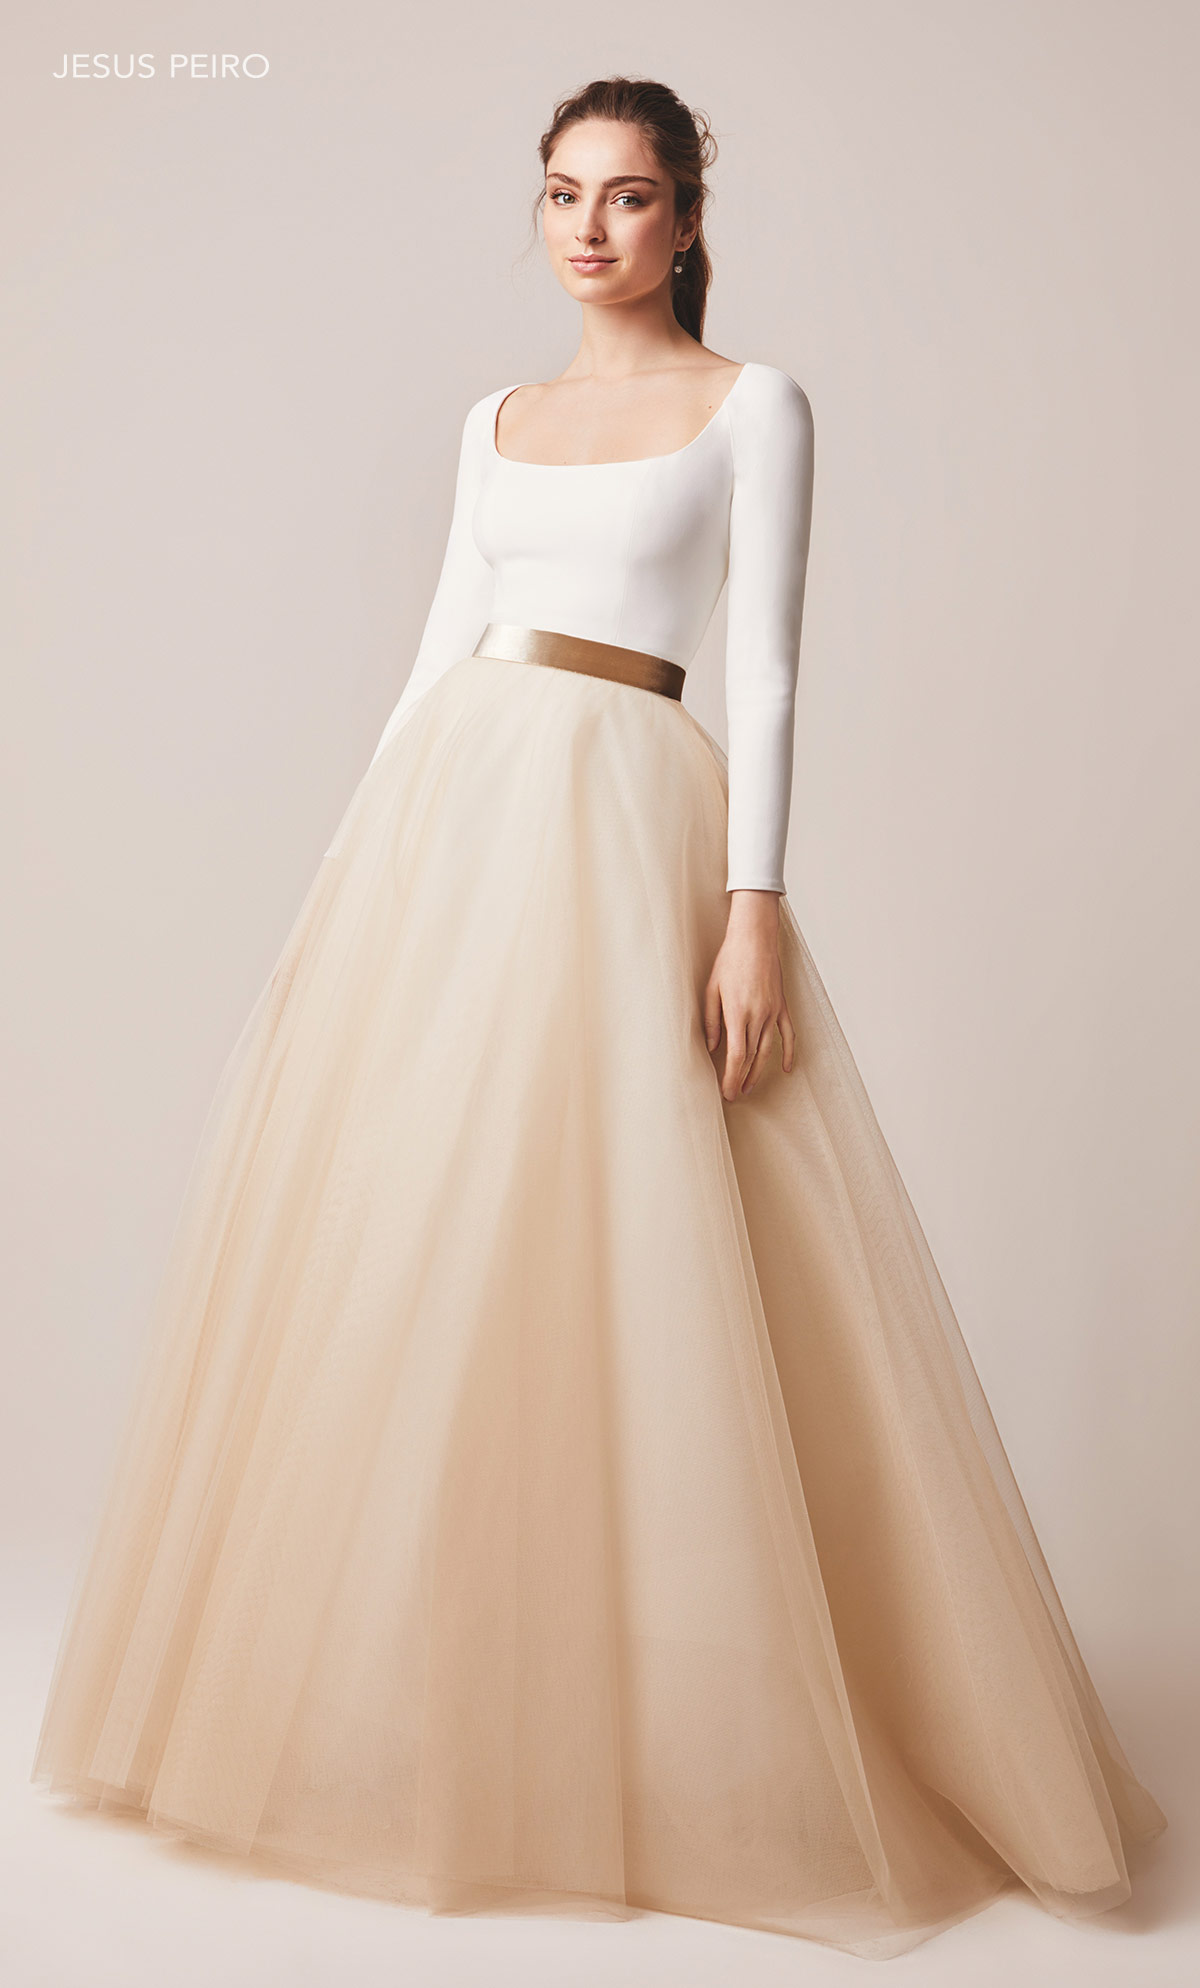 Jesus Peiró Wedding dress